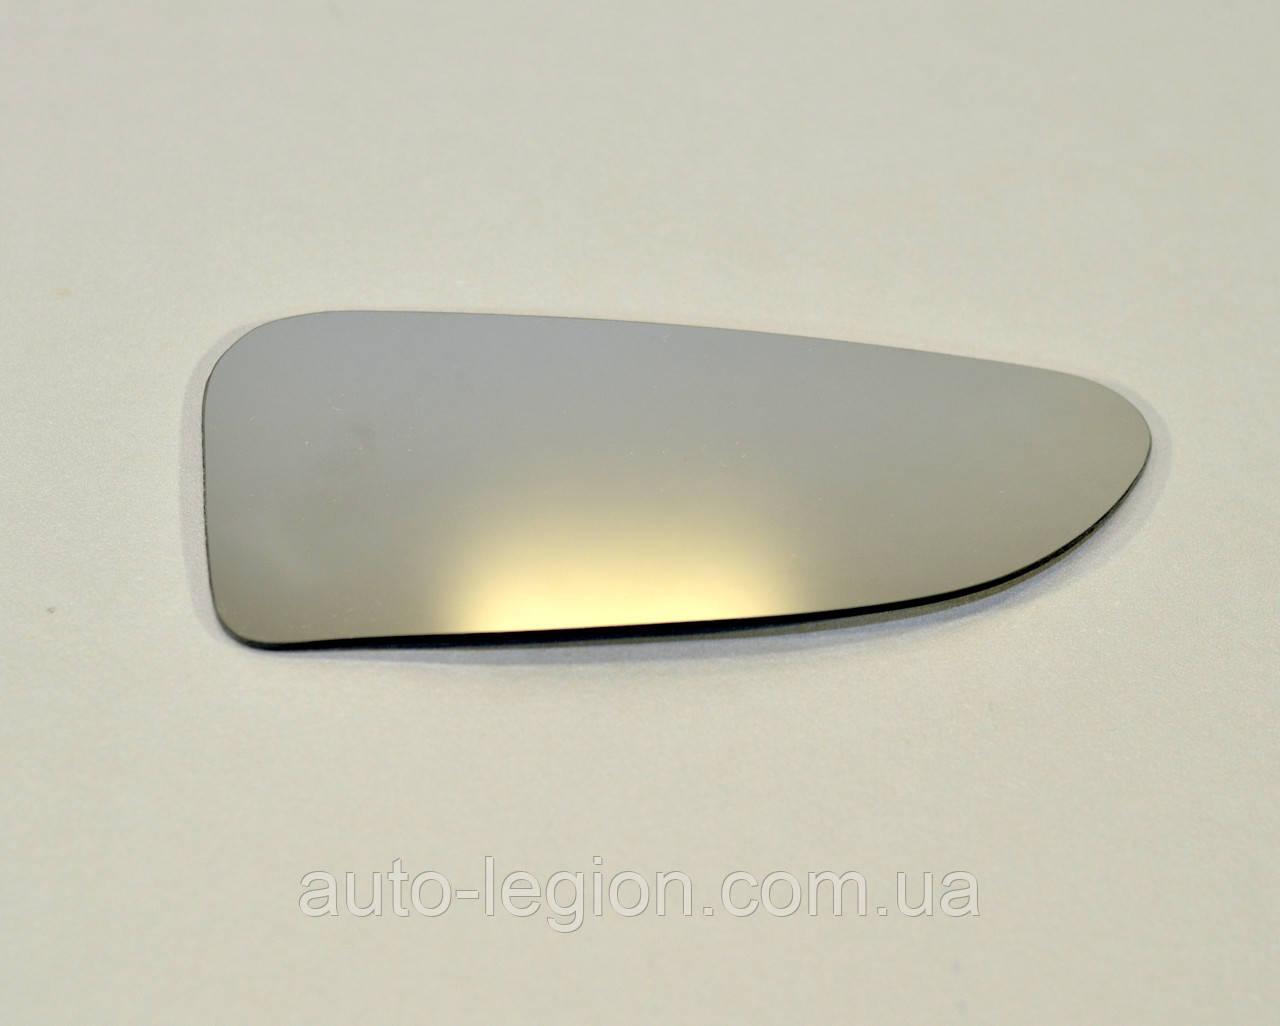 Стекло зеркала R (правое, нижнее) на Renault Master III 2010-> 4-Max (Тайвань) - 6102-04-053370P